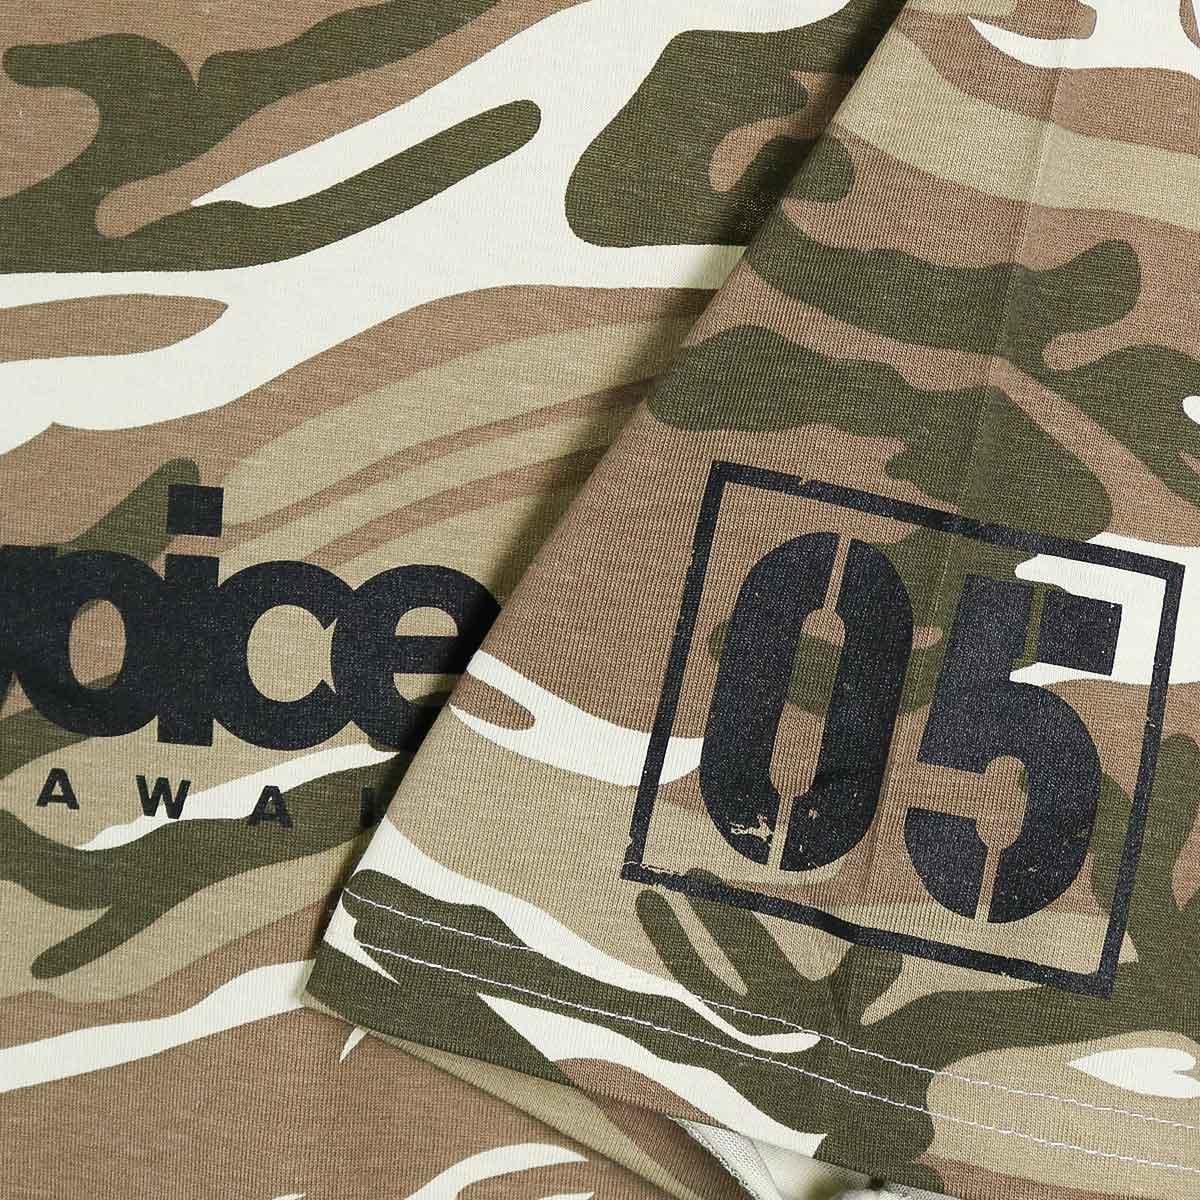 BASIC LOGO 05 CAMOUFLAGE T-SHIRT